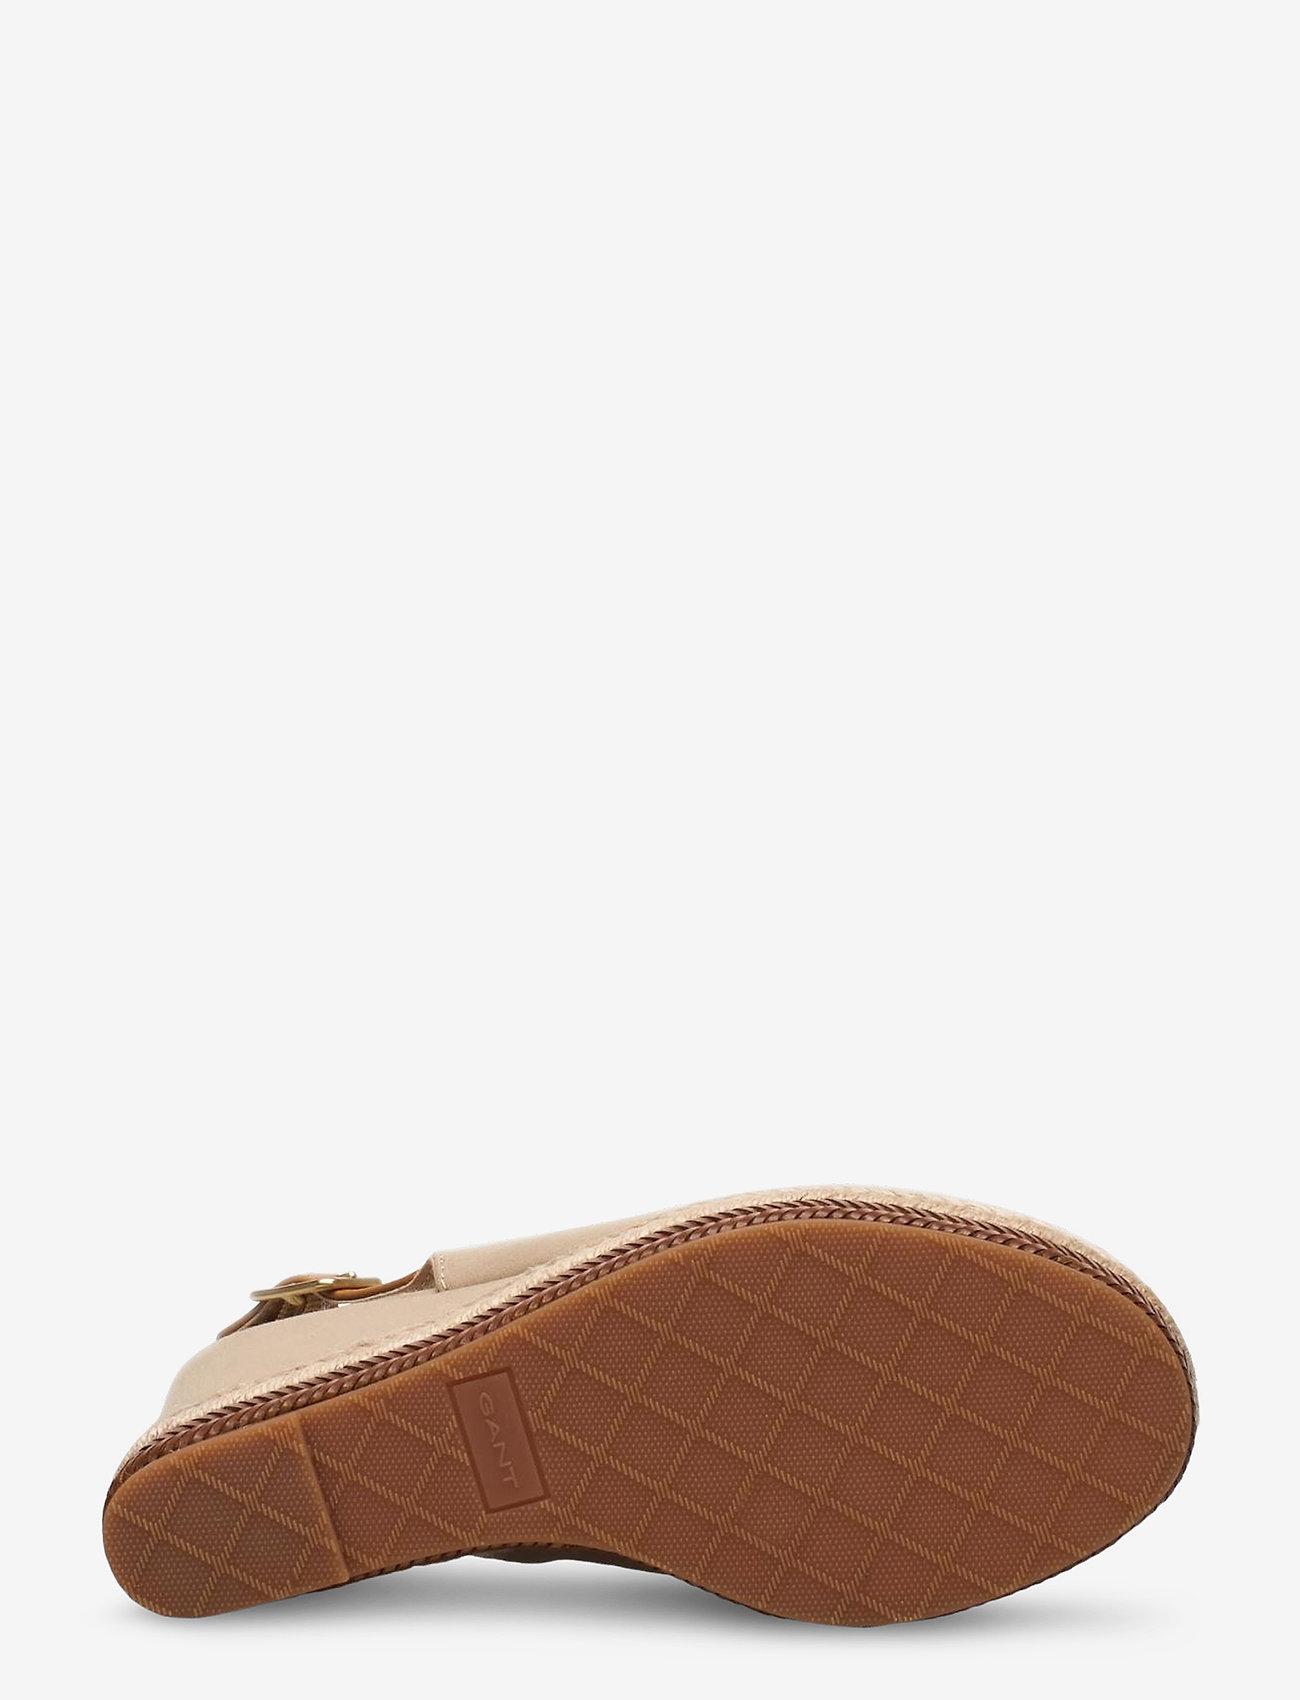 Ivalice Wedge Sandal (Dry Sand) - GANT